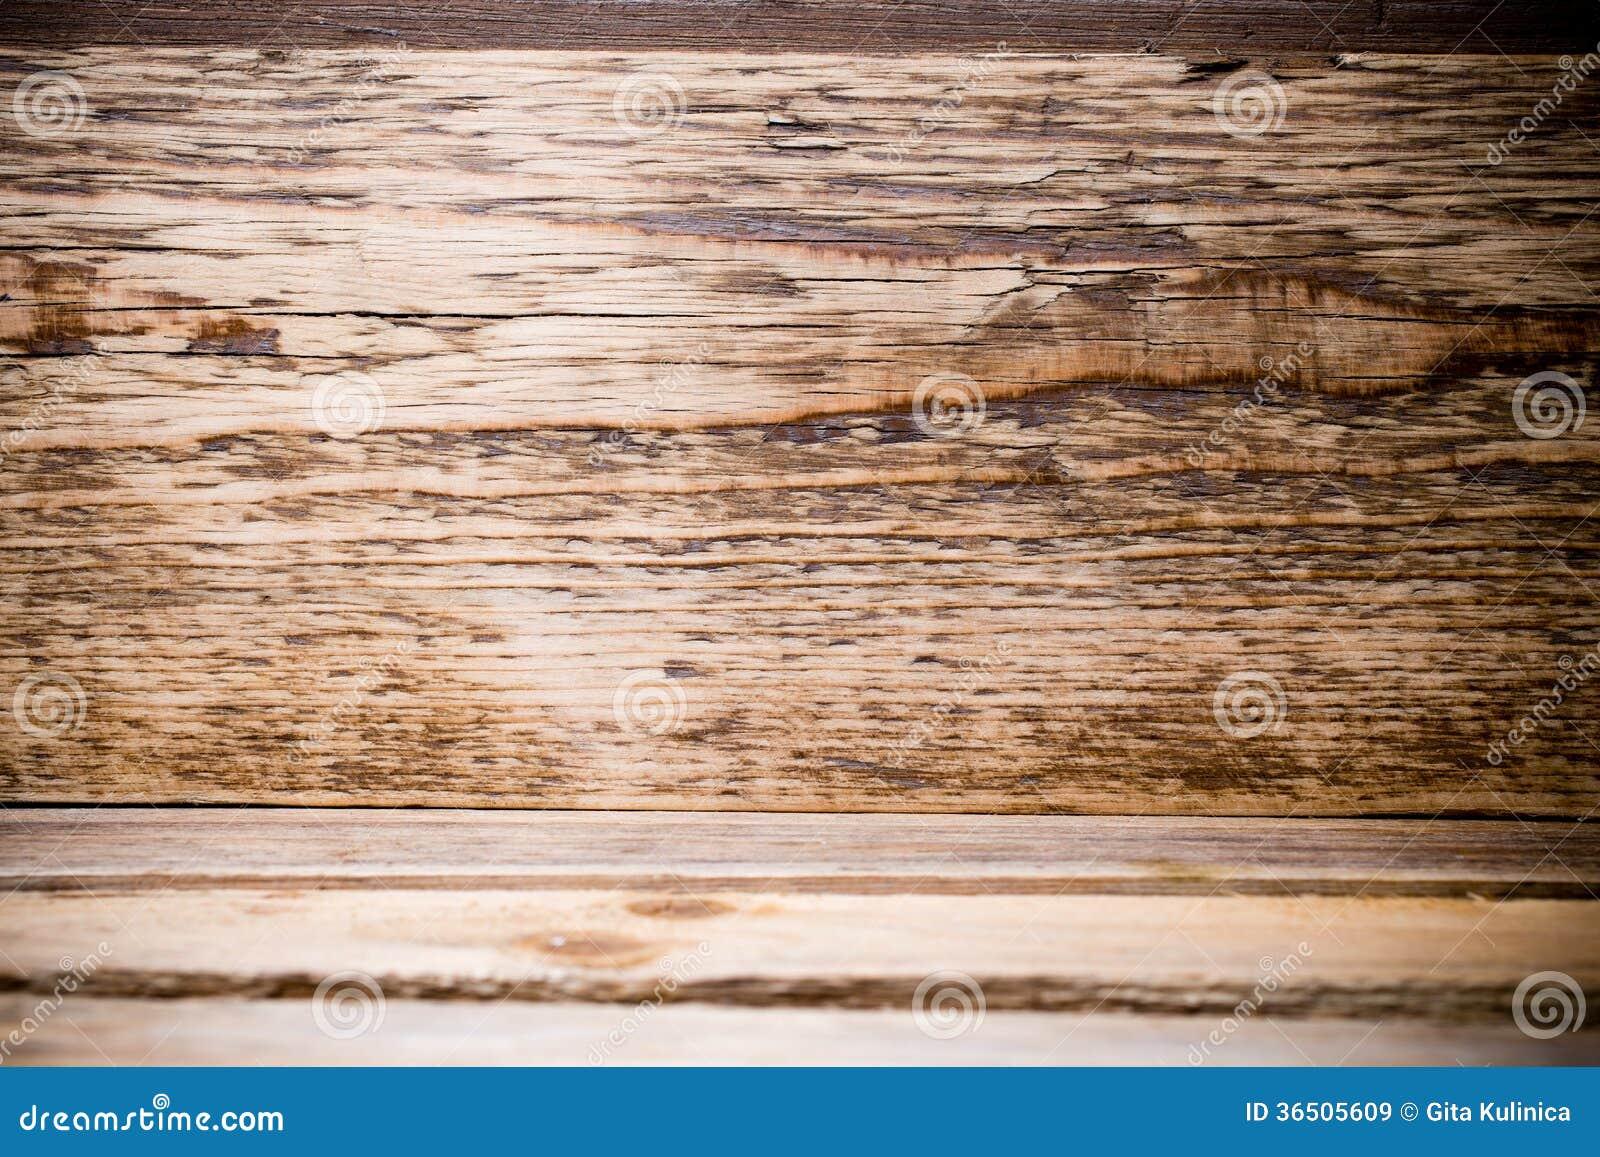 Texturisé en bois.